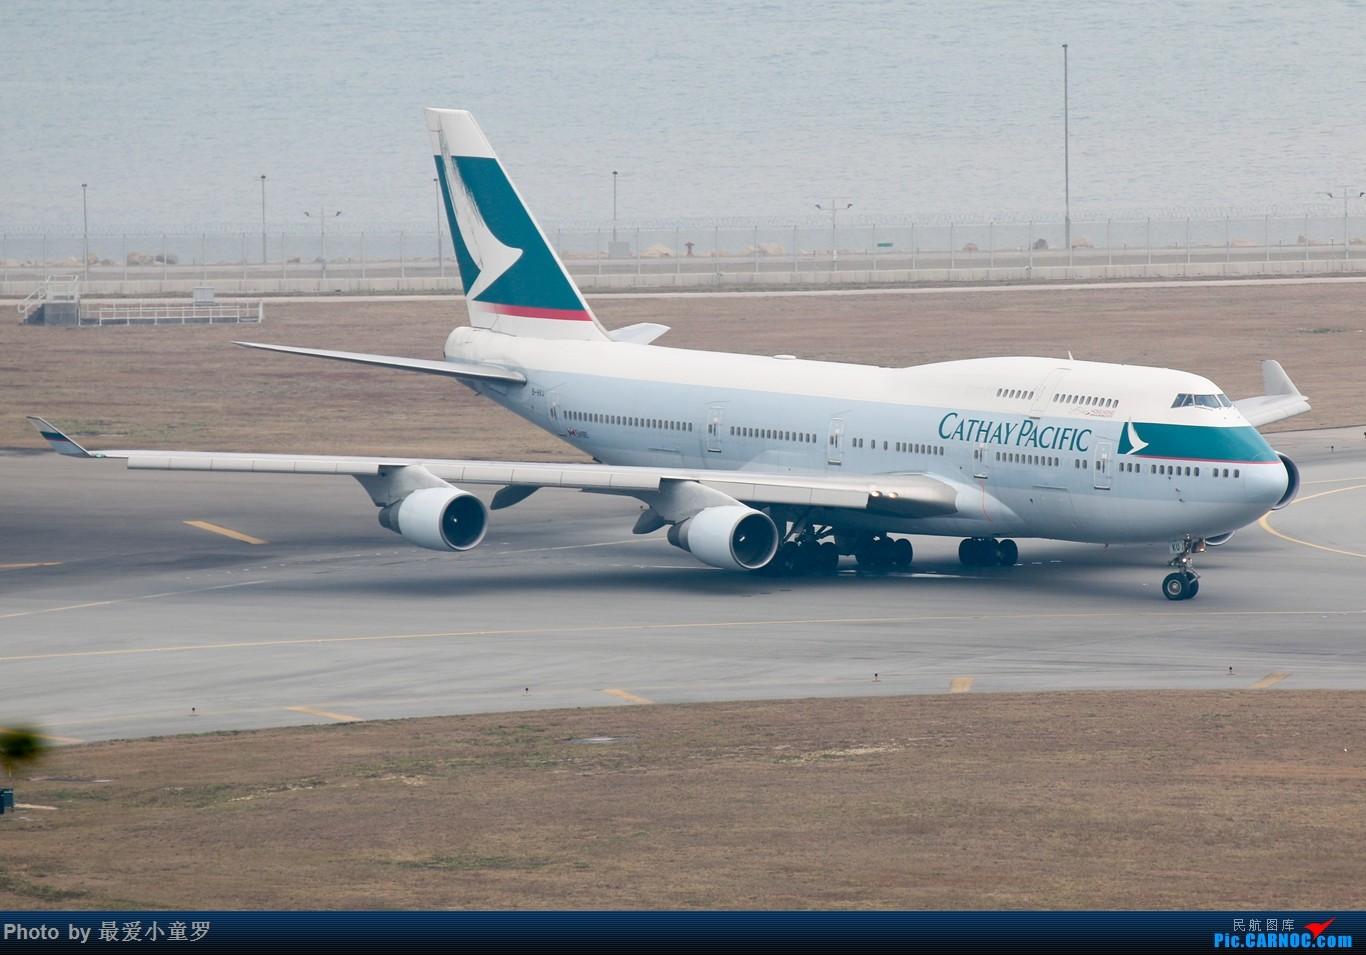 [原创]羊年第一帖——1月25日香港沙螺湾拍机篇之波音747 BOEING 747-400 B-HKU 中国香港赤鱲角国际机场